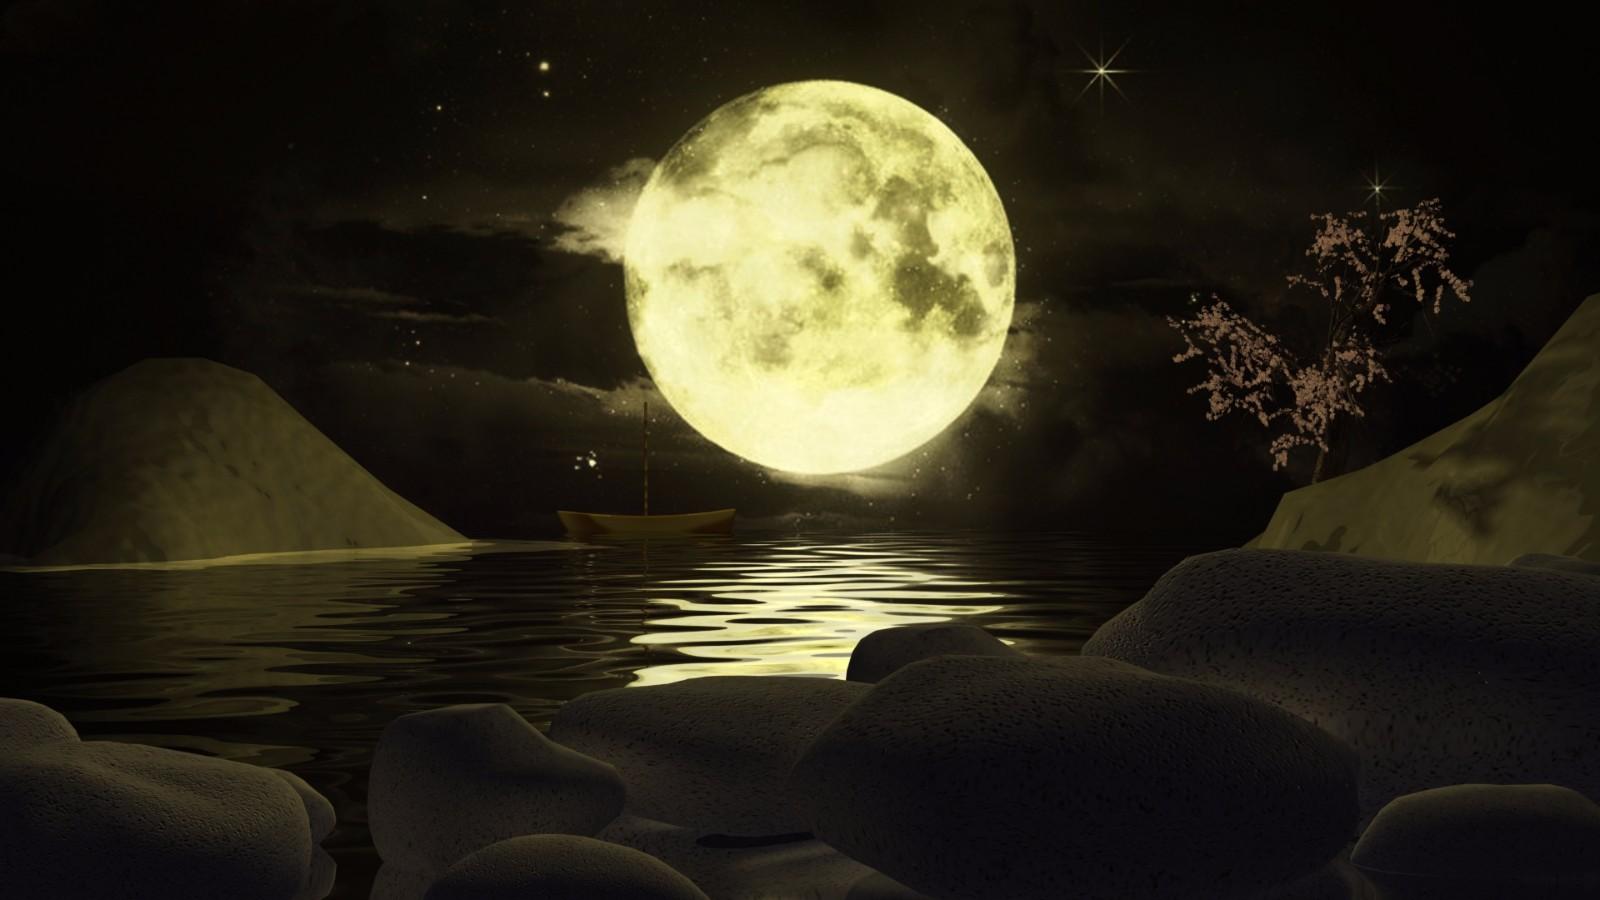 关于月亮的传说故事_关于月亮的民间传说或神话故事_百度知道